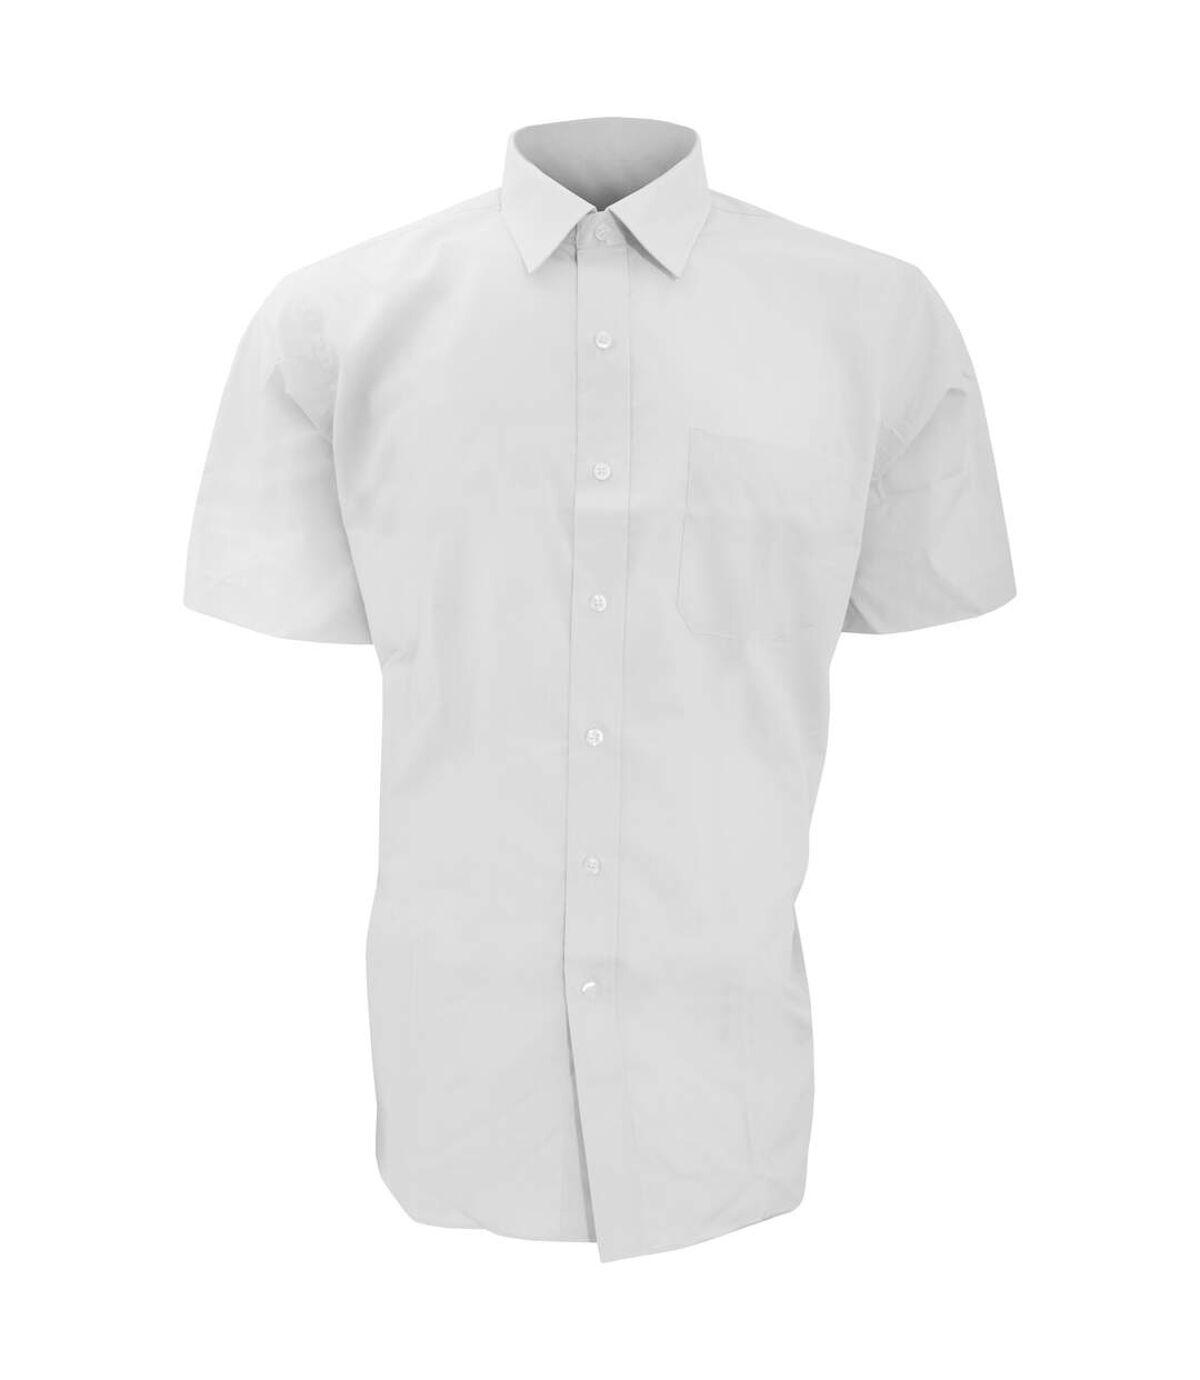 Brook Taverner Mens Rosello Short Sleeve Shirt (White) - UTRW299